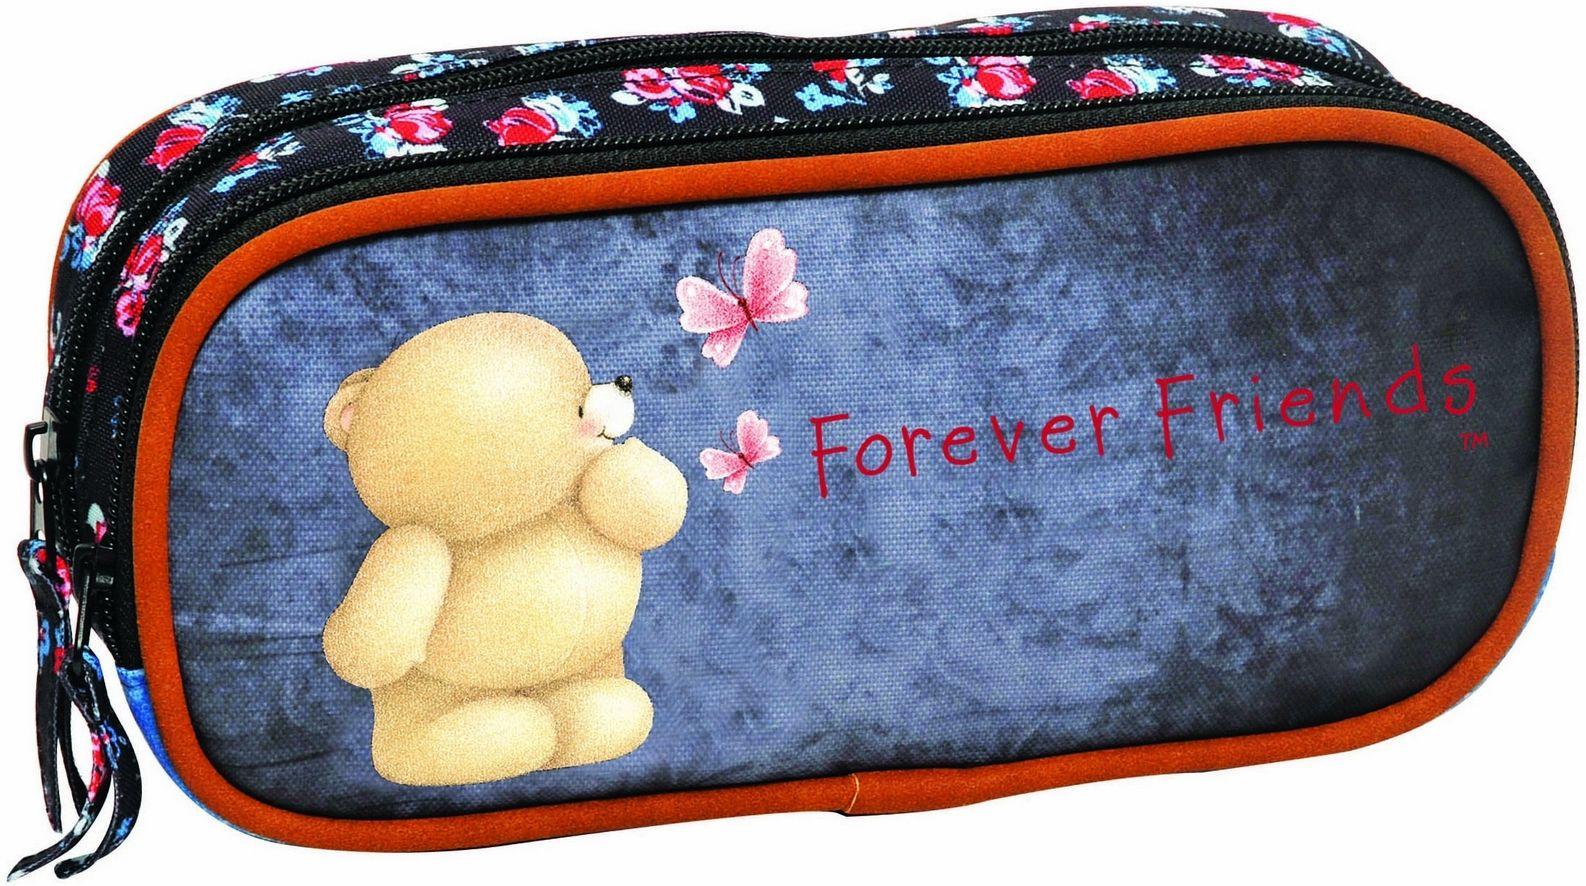 Κασετινακι Οβαλ Forever Friends Blue Line BMU 333-85144 σχολικες τσαντες   τσάντες δημοτικού   κασετίνες